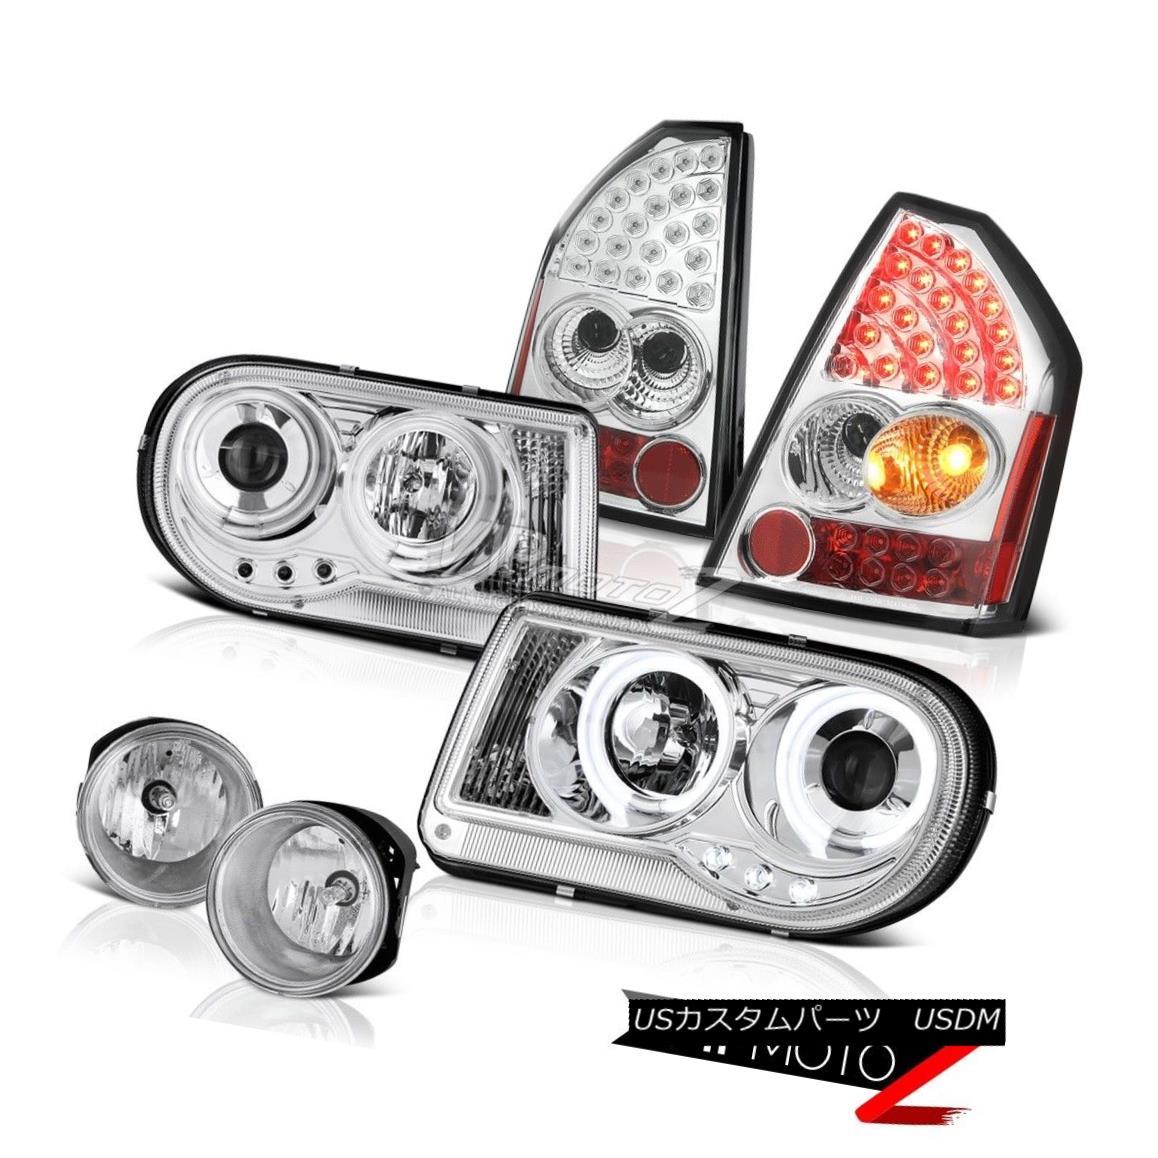 ヘッドライト Brightest CCFL Headlight LED Taillights Foglamps 05 06 07 Chrysler 300C SRT8 最も明るいCCFLヘッドライトLED灯台Foglamps 05 06 07 Chrysler 300C SRT8